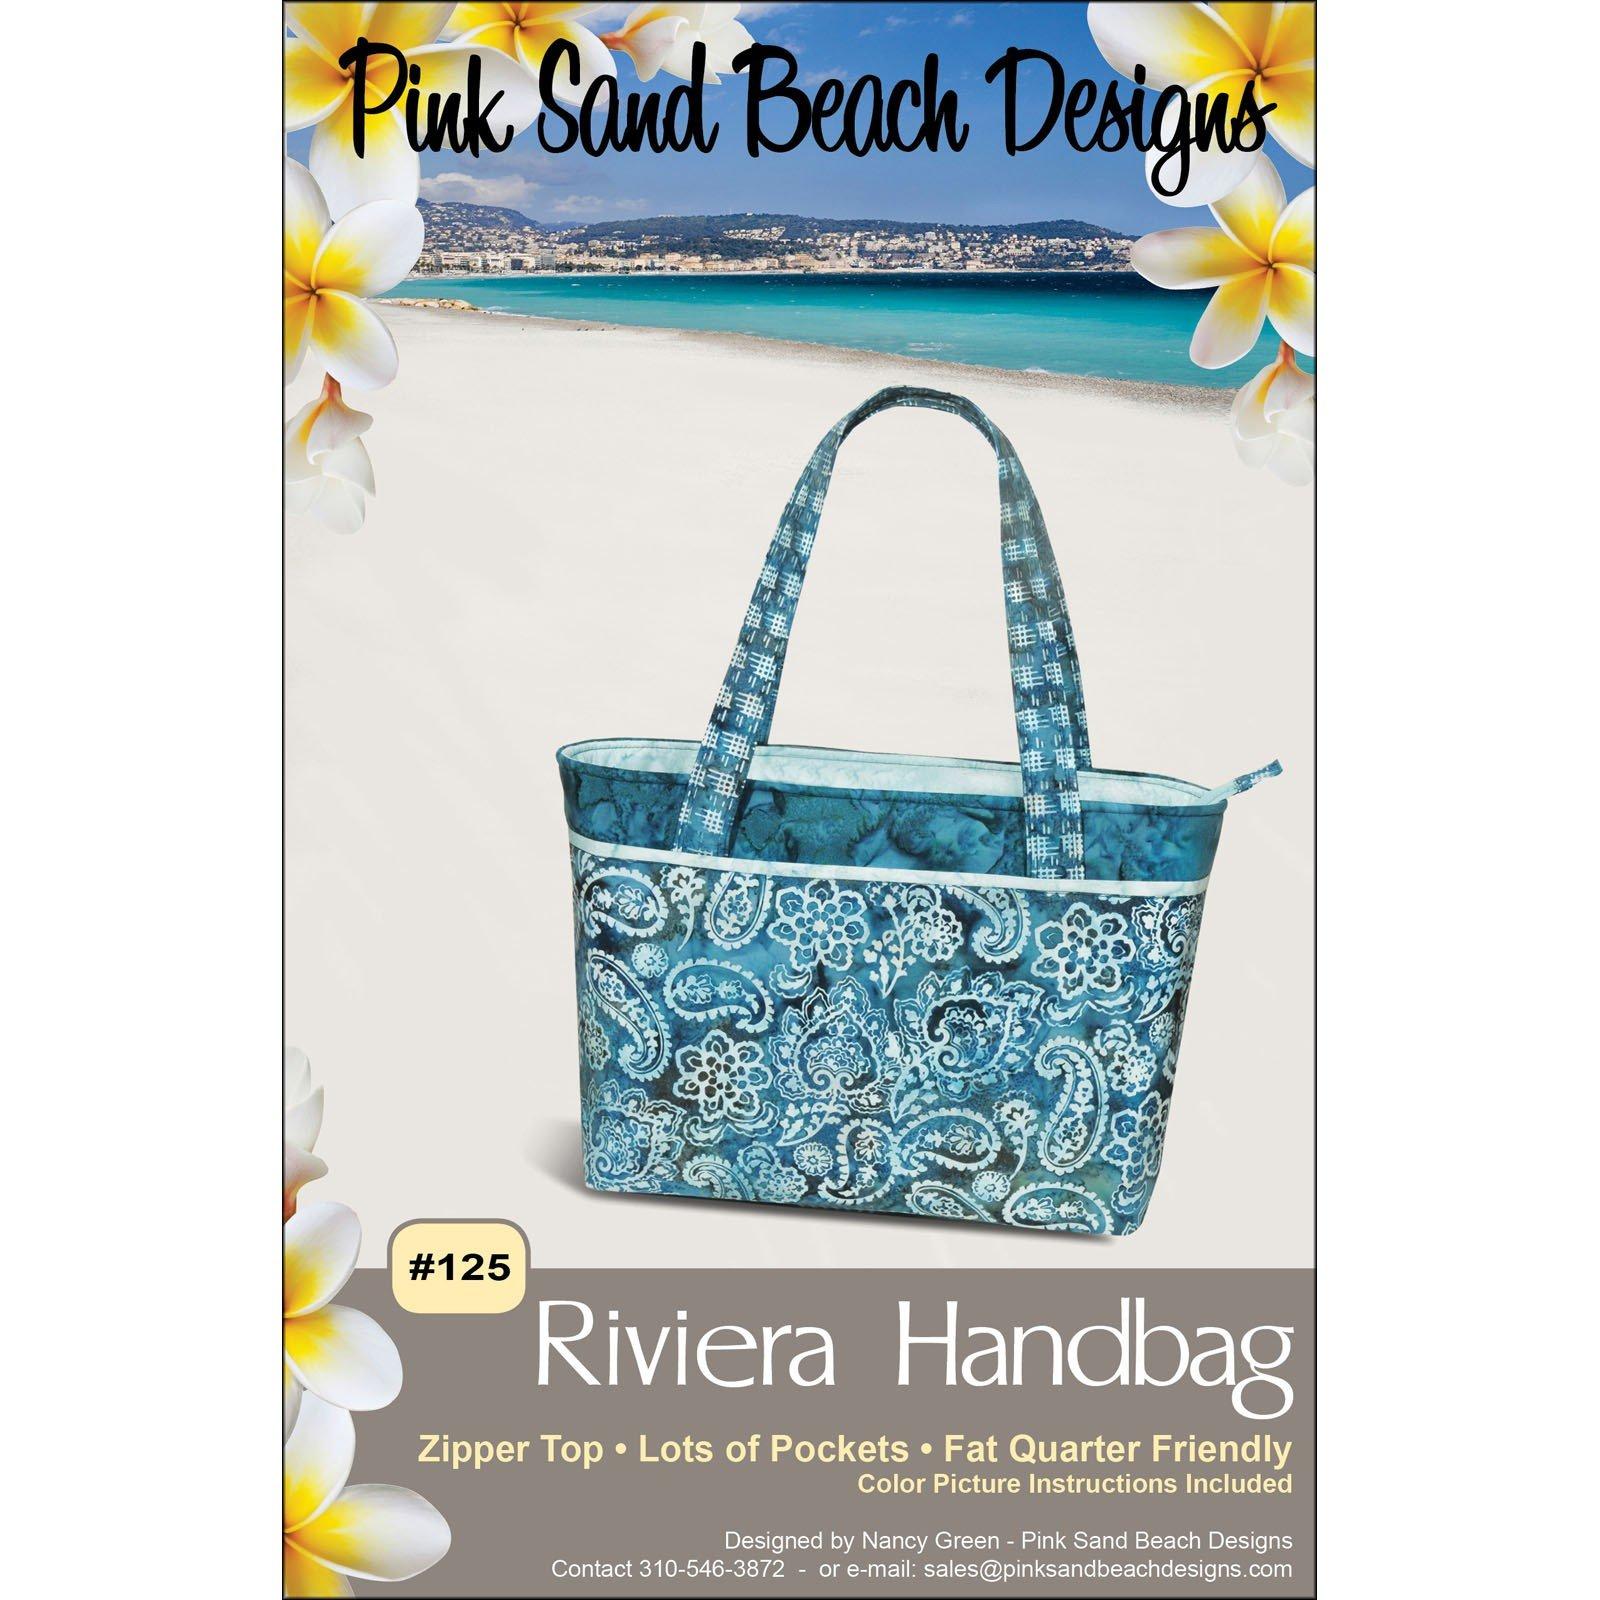 Riviera Handbag!